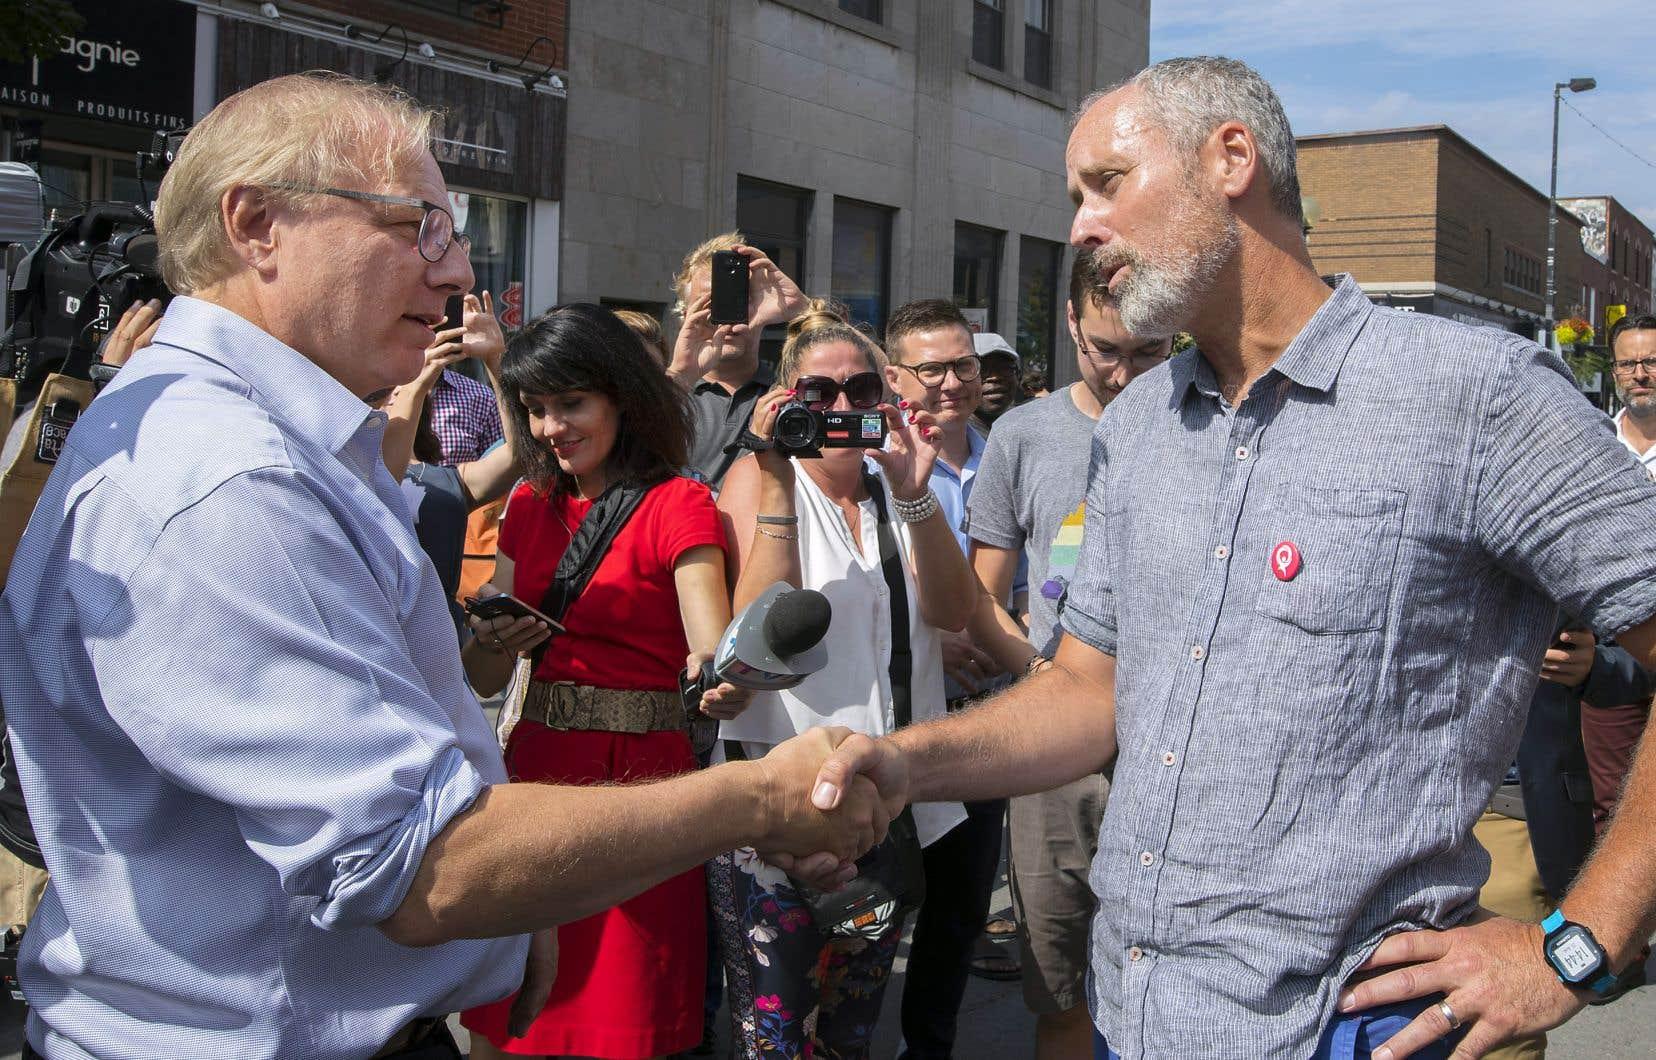 Adversaires dans la circonscription de Rosemont, le chef péquiste, Jean-François Lisée, et Vincent Marissal, de Québec solidaire, se sont croisés samedi. Ils en ont profité pour se serrer la main.